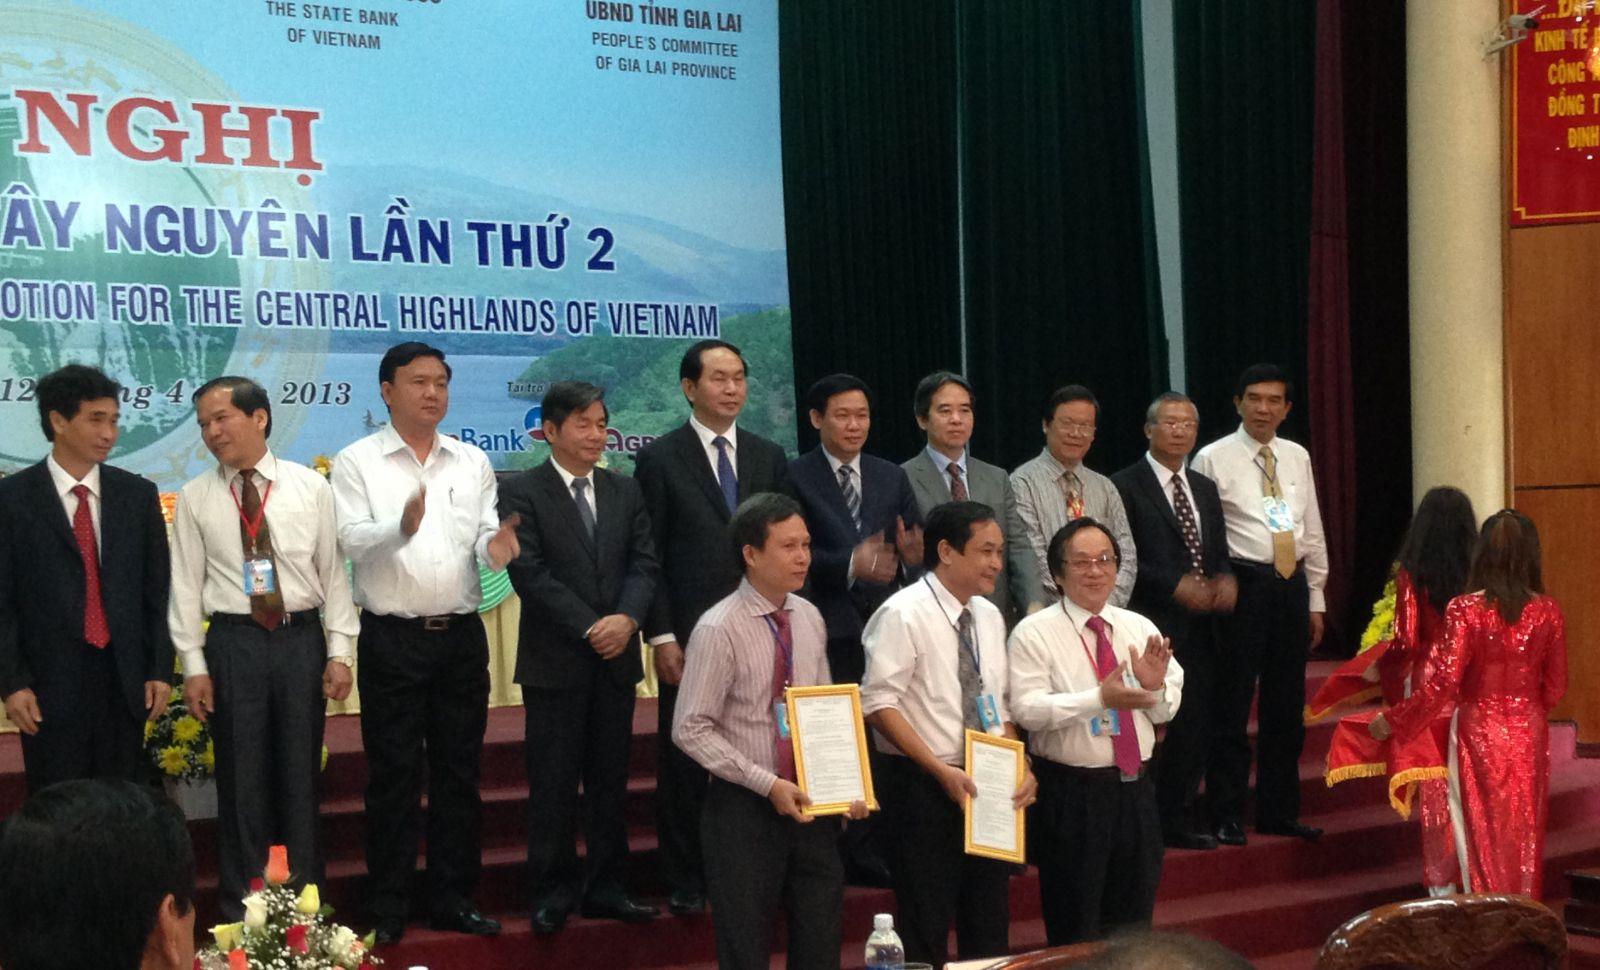 Trao giay phep Dak Nong 2